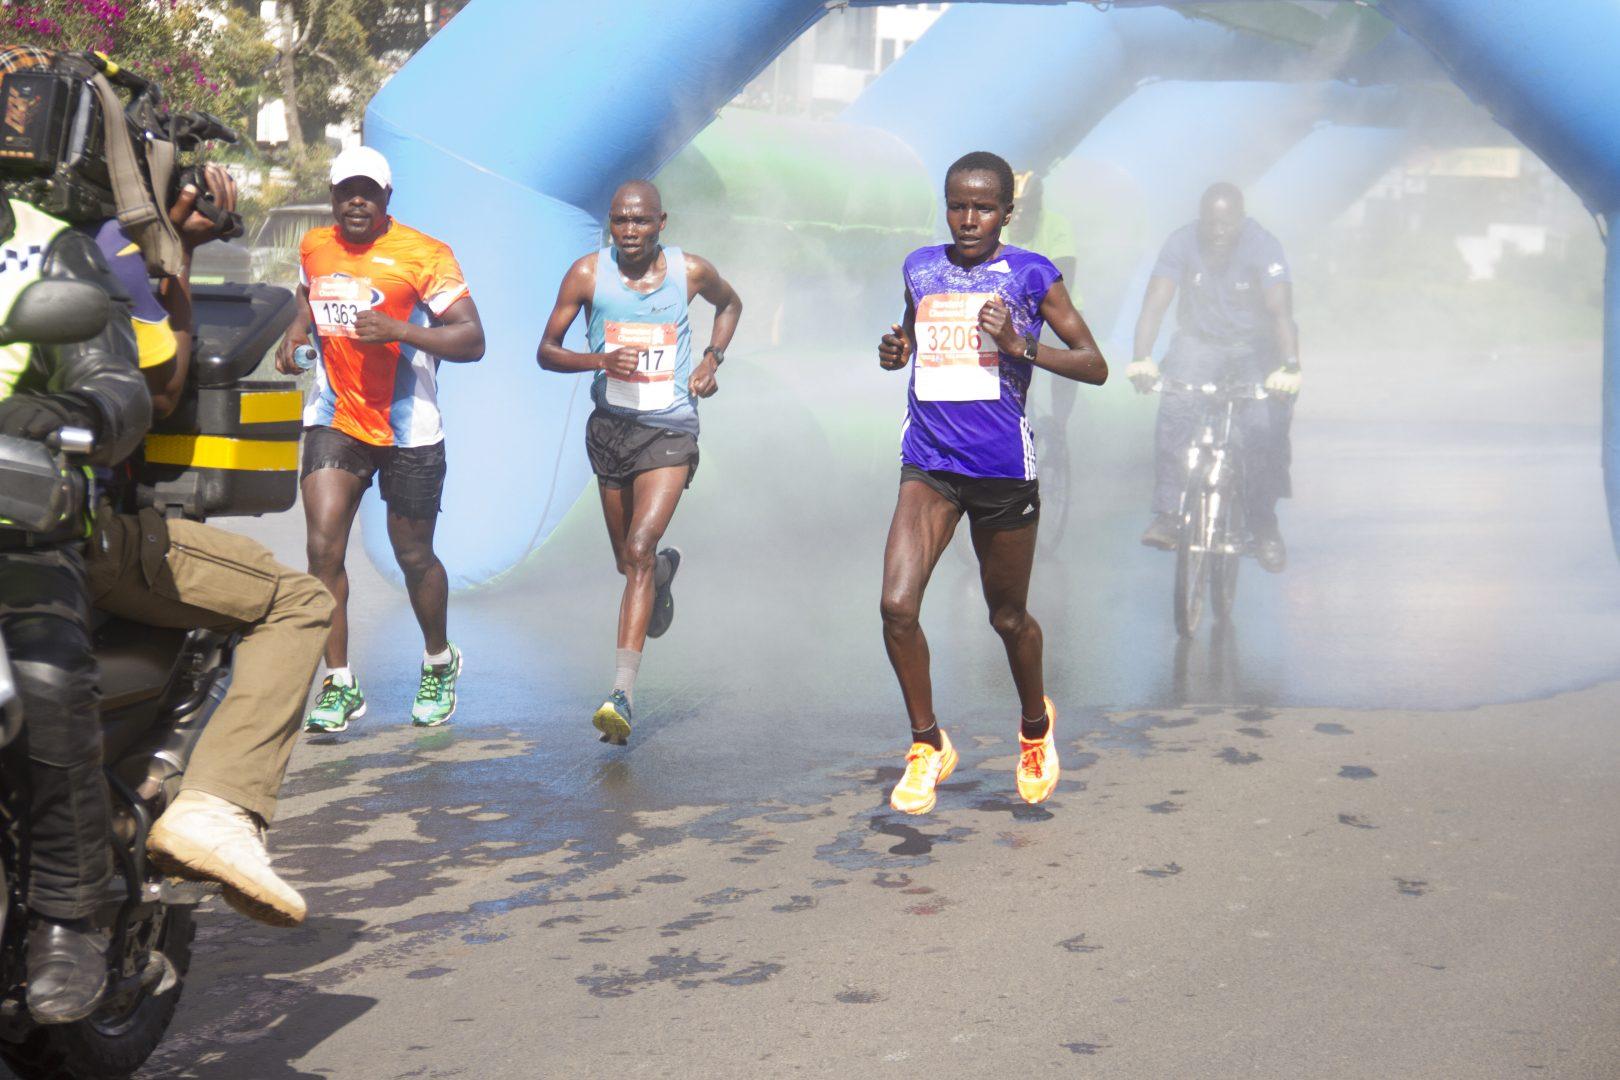 https://www.nairobimarathon.com/wp-content/uploads/2021/07/MG_5057.jpg